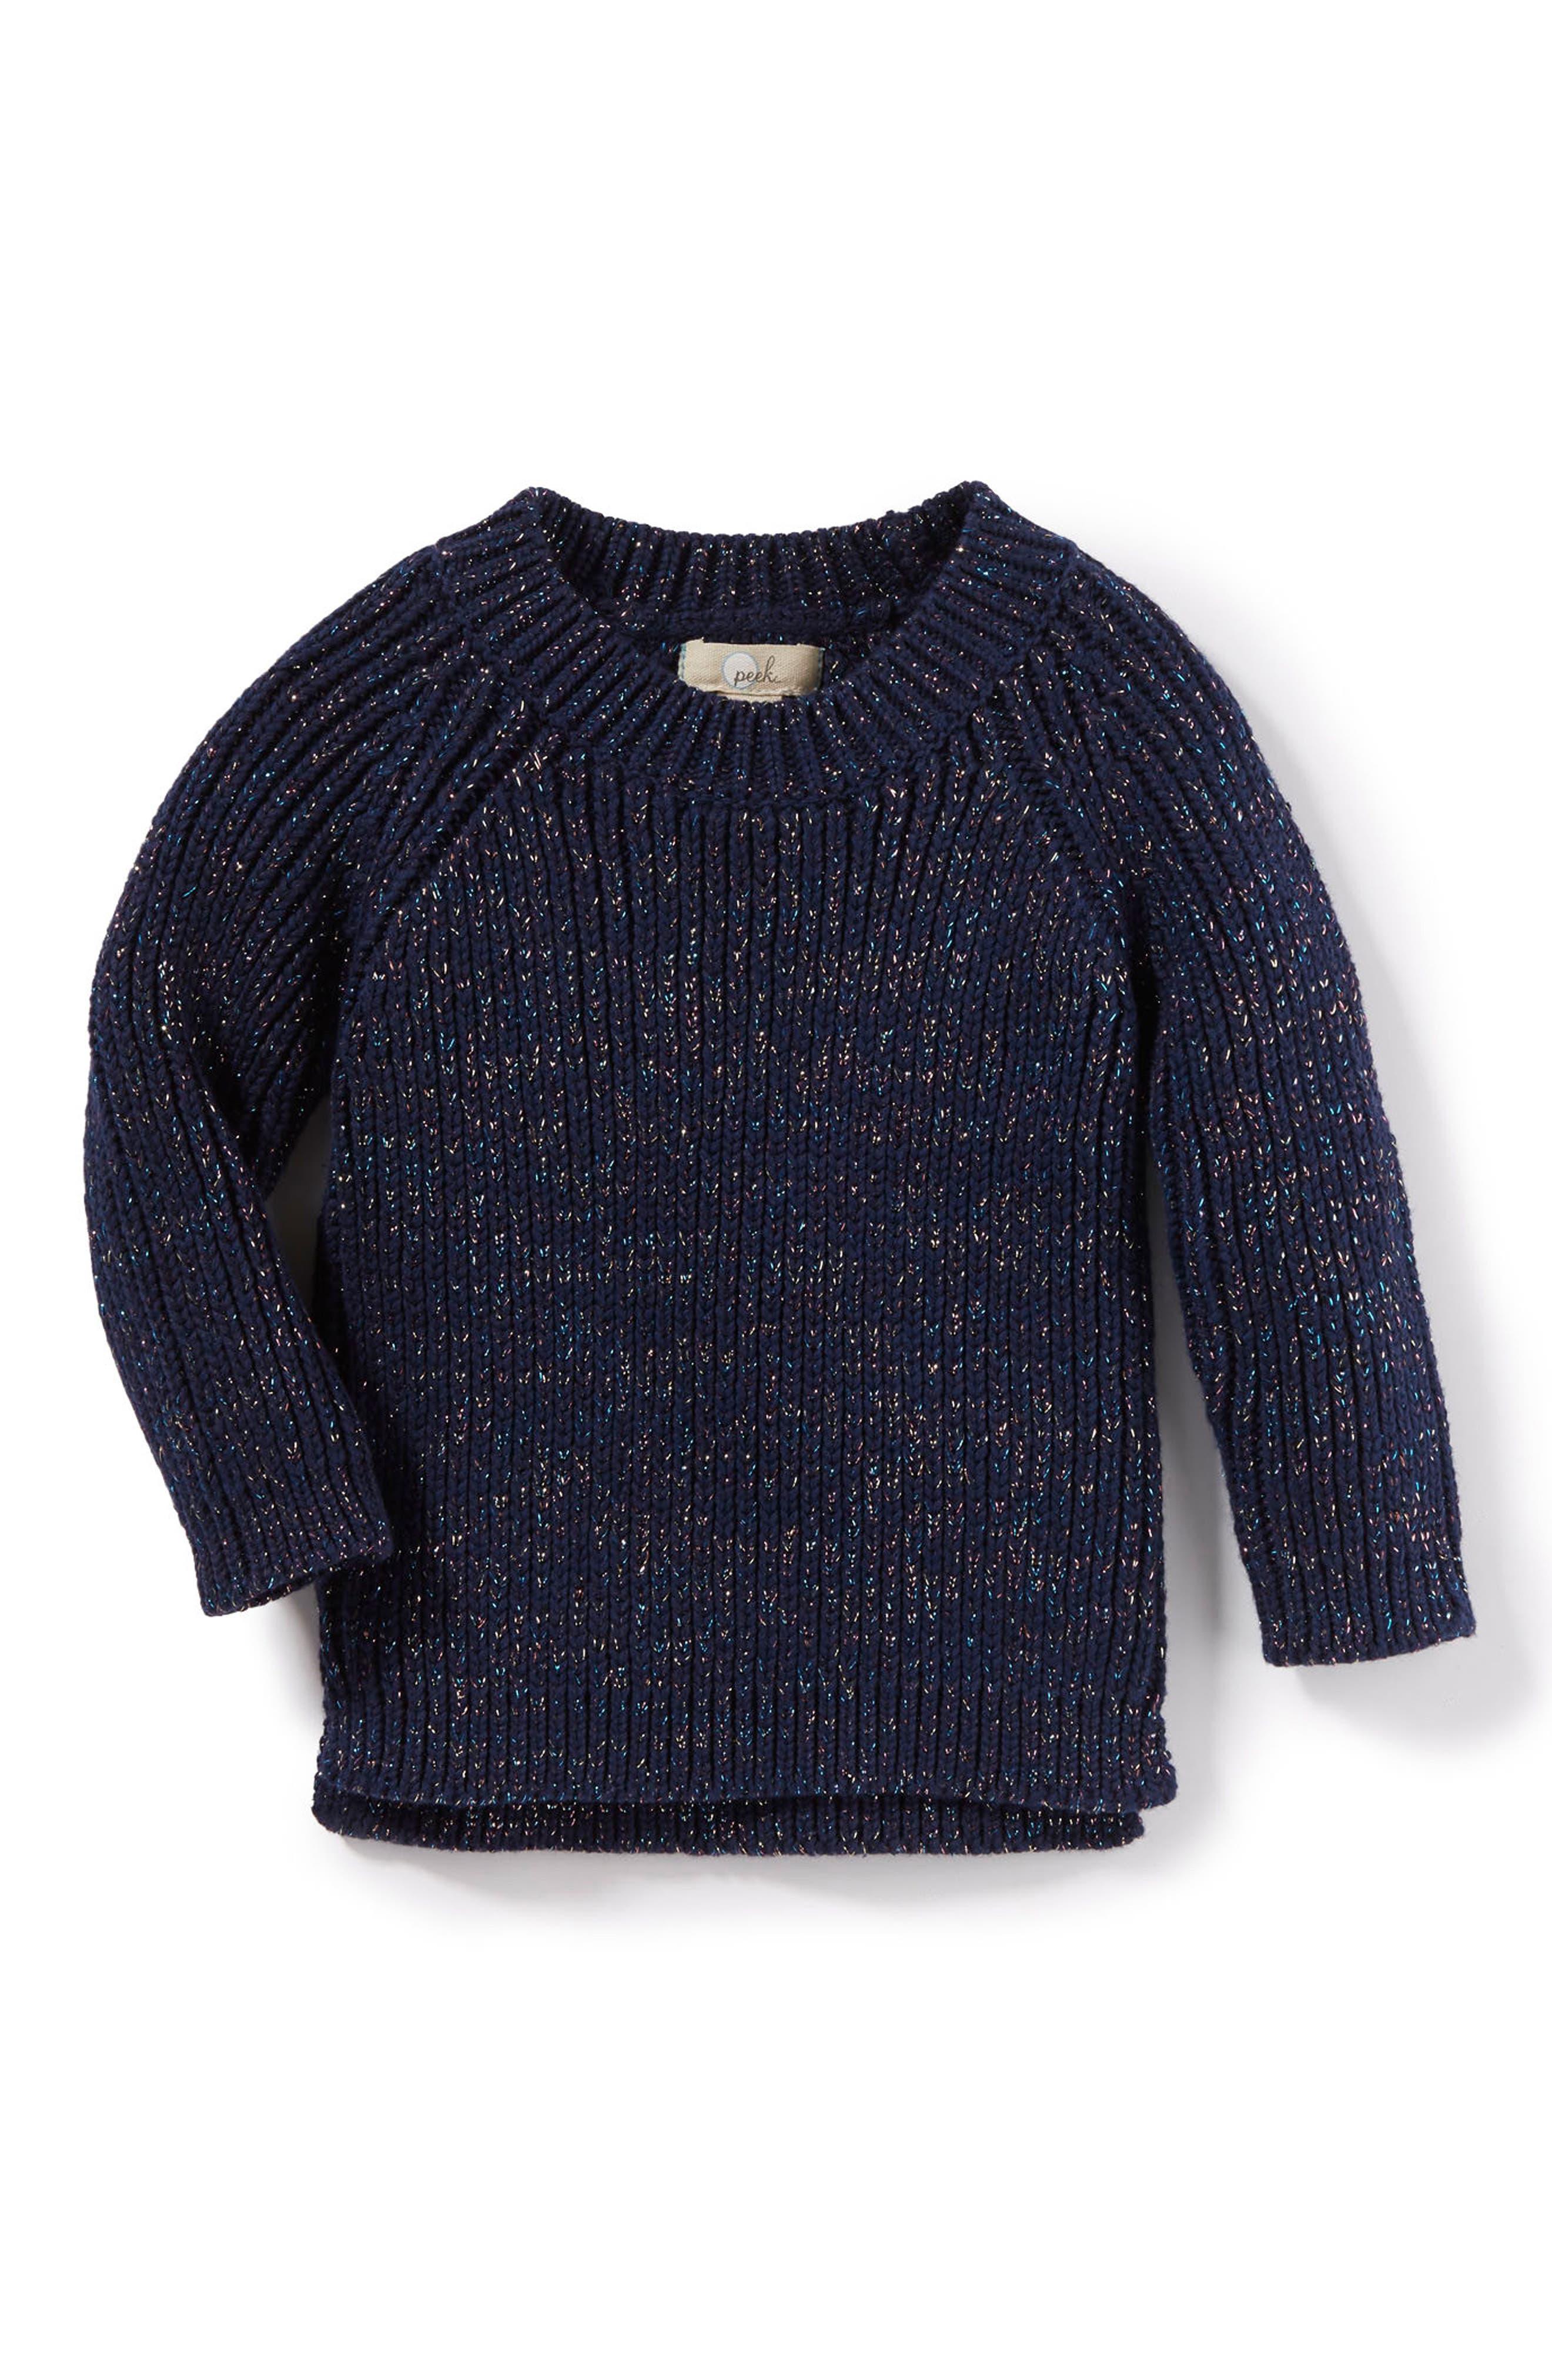 Main Image - Peek Serena Sweater (Baby Girls)